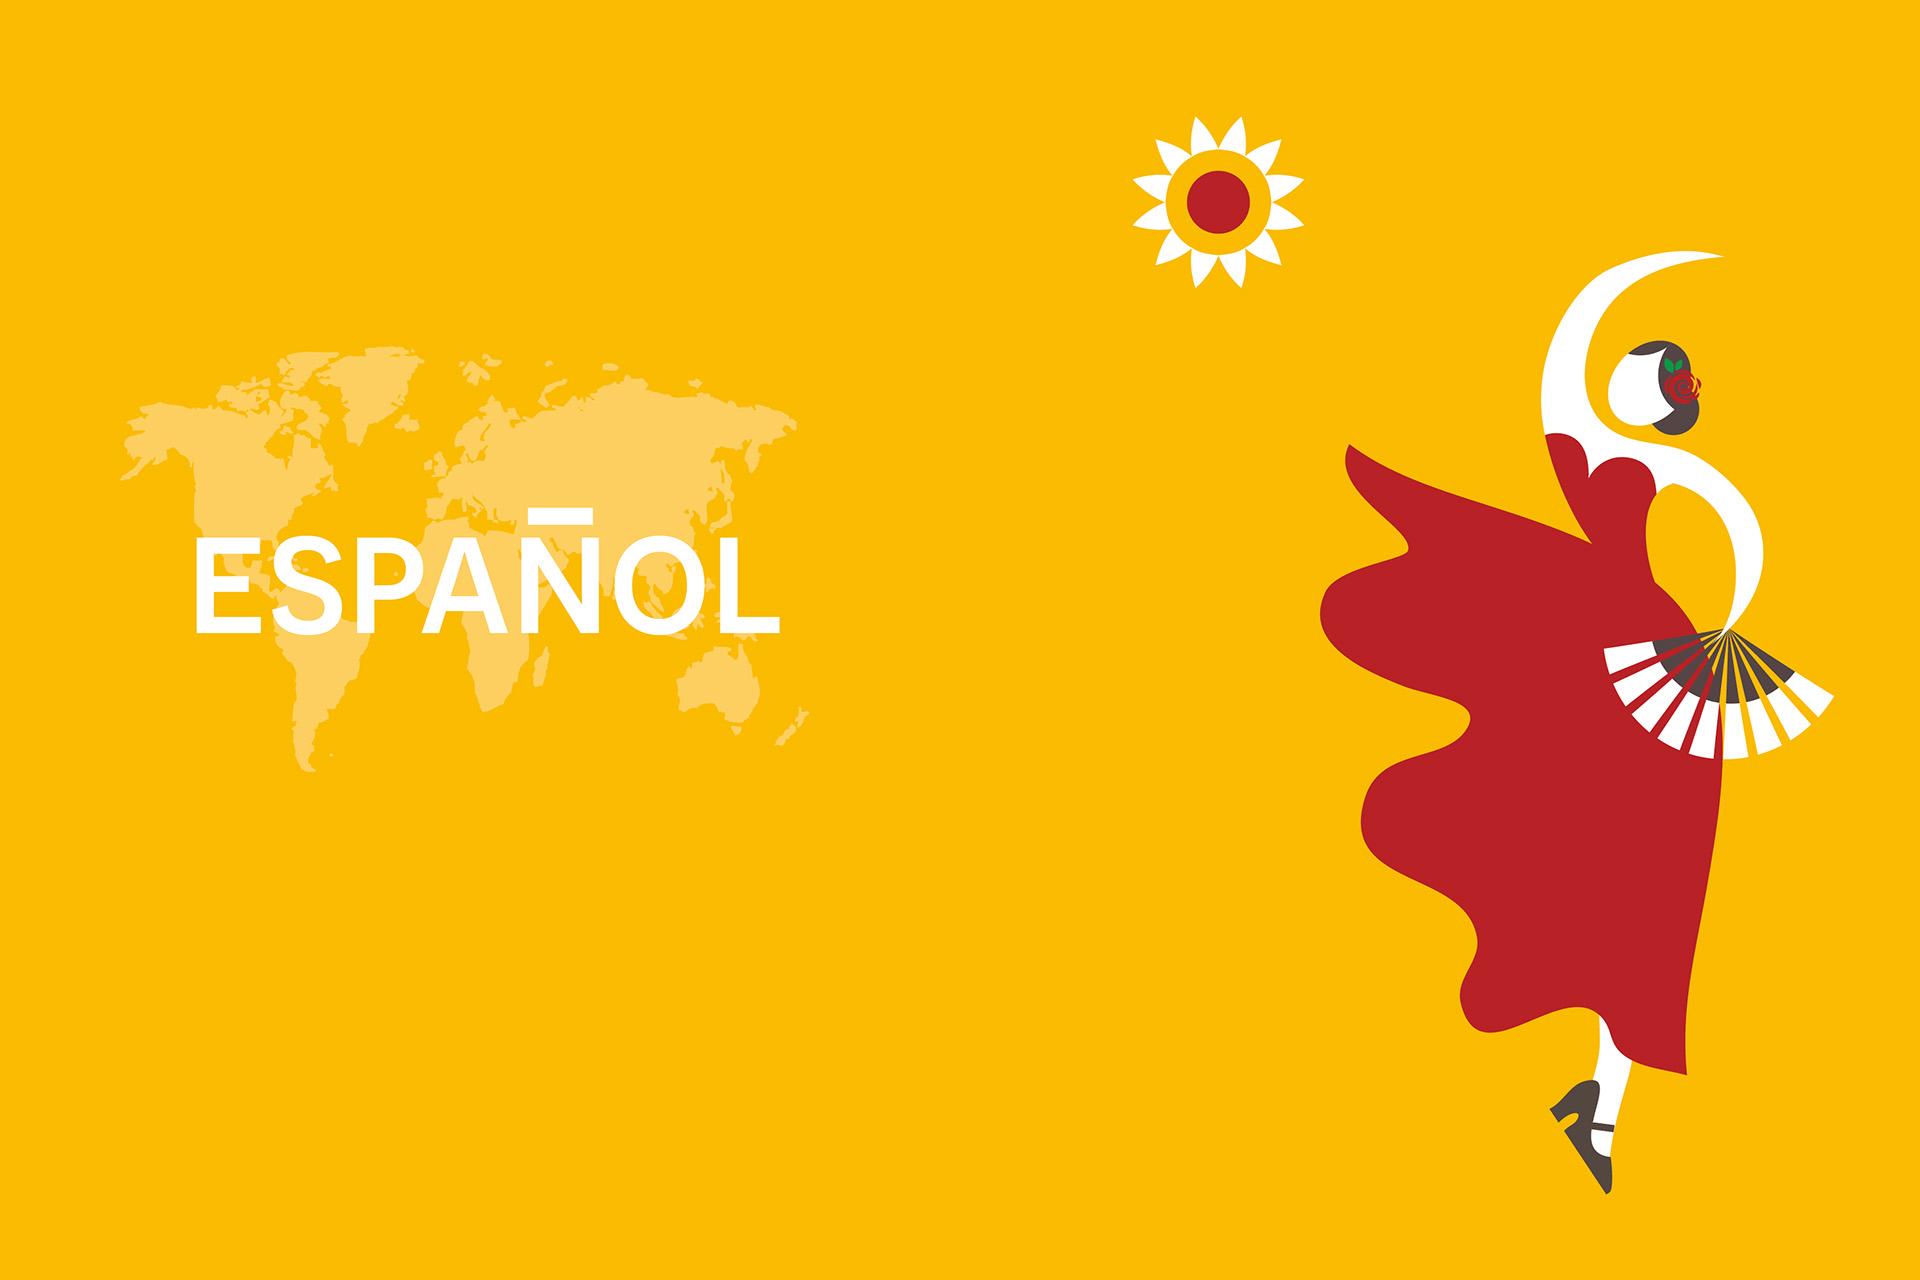 Вебинар: Испанский язык, с чего начать обучение? Вебинар с носителем-полиглотом